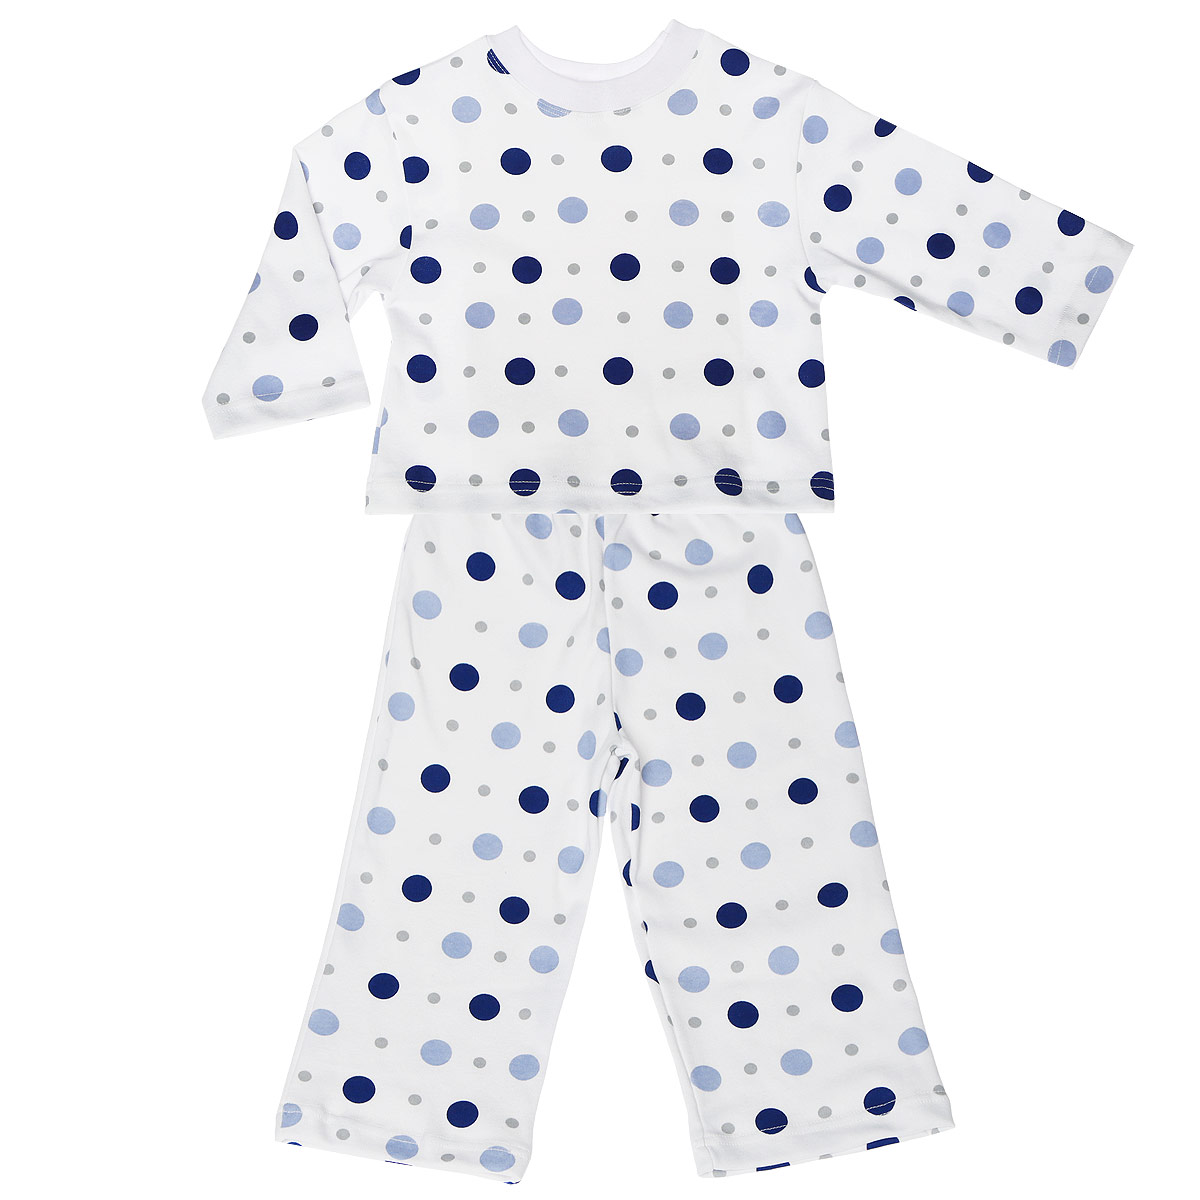 Пижама детская Трон-плюс, цвет: белый, синий. 5584_горох. Размер 86/92, 2-3 года